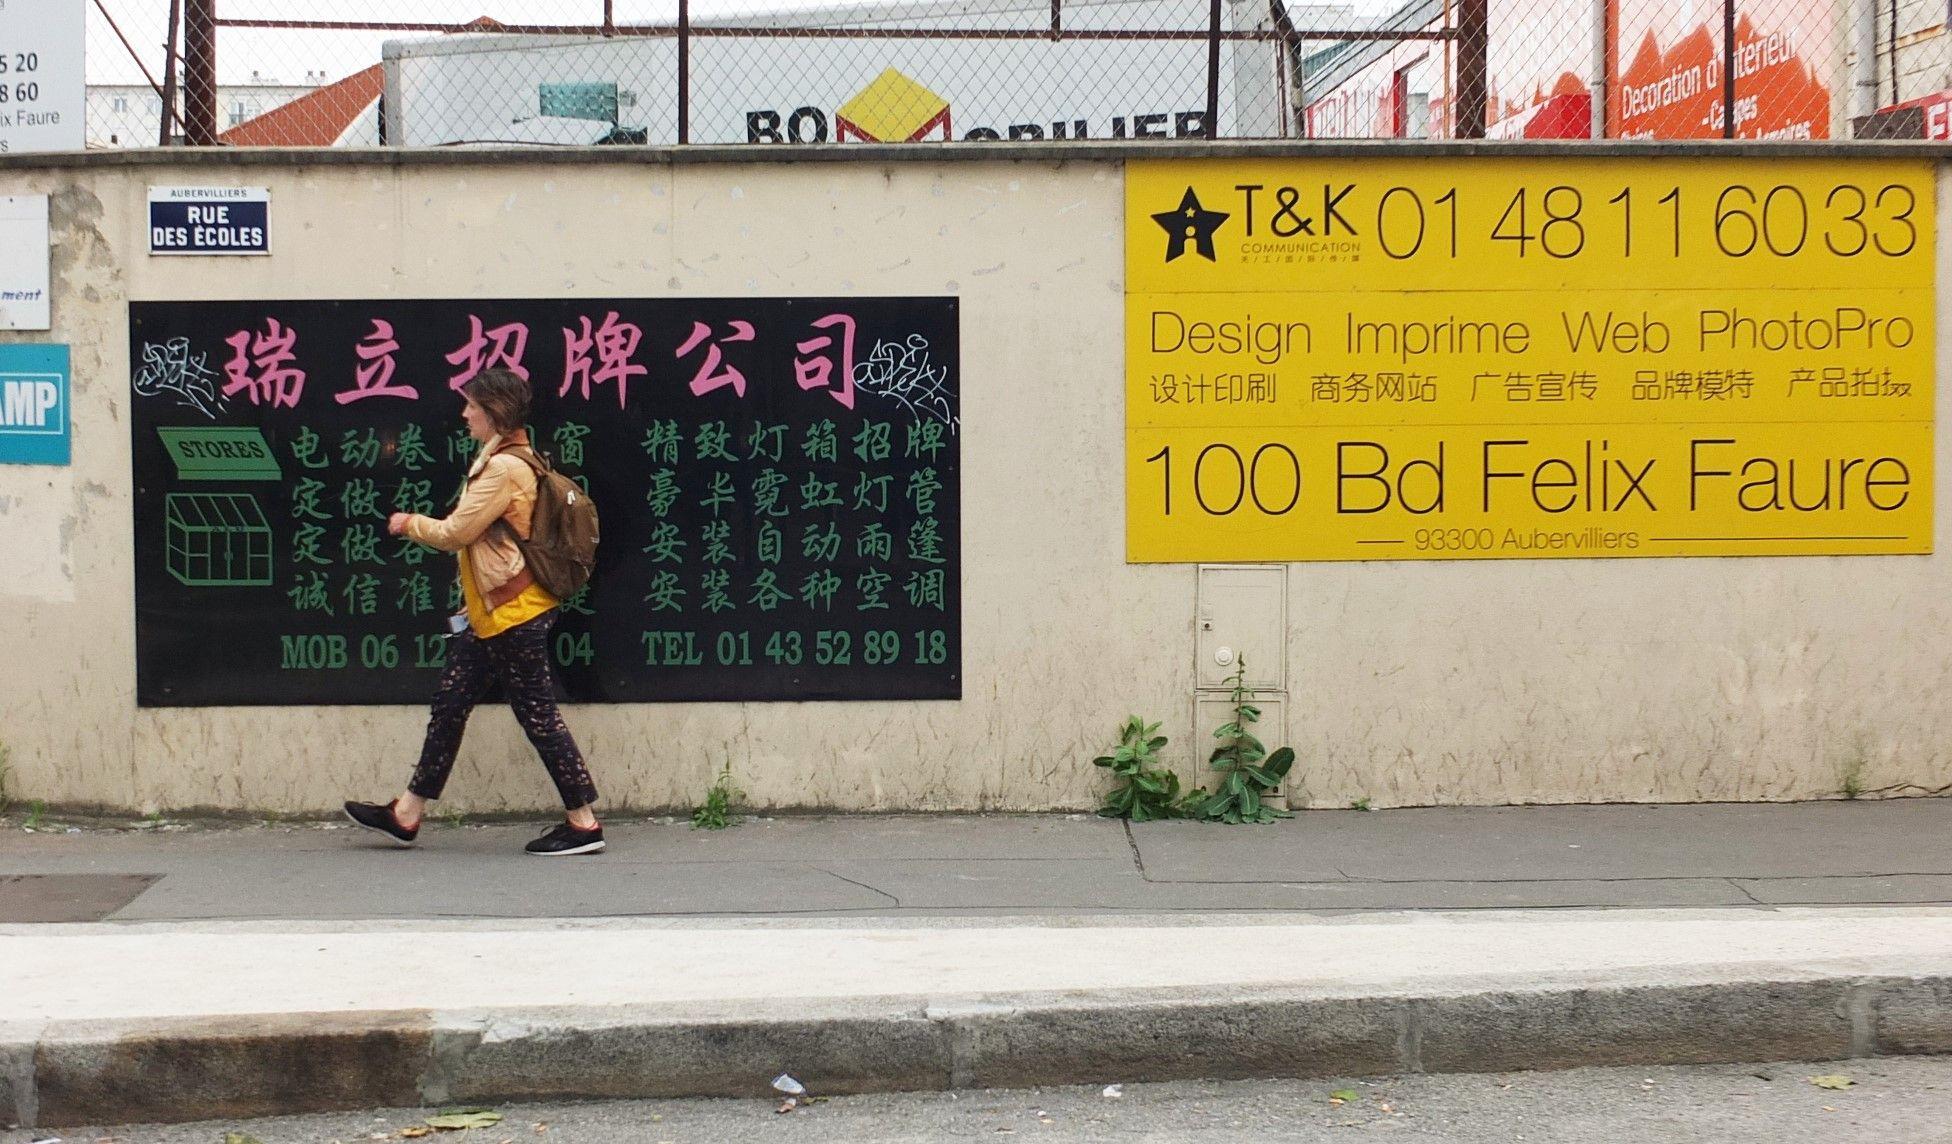 femme asiatique paris aubervilliers